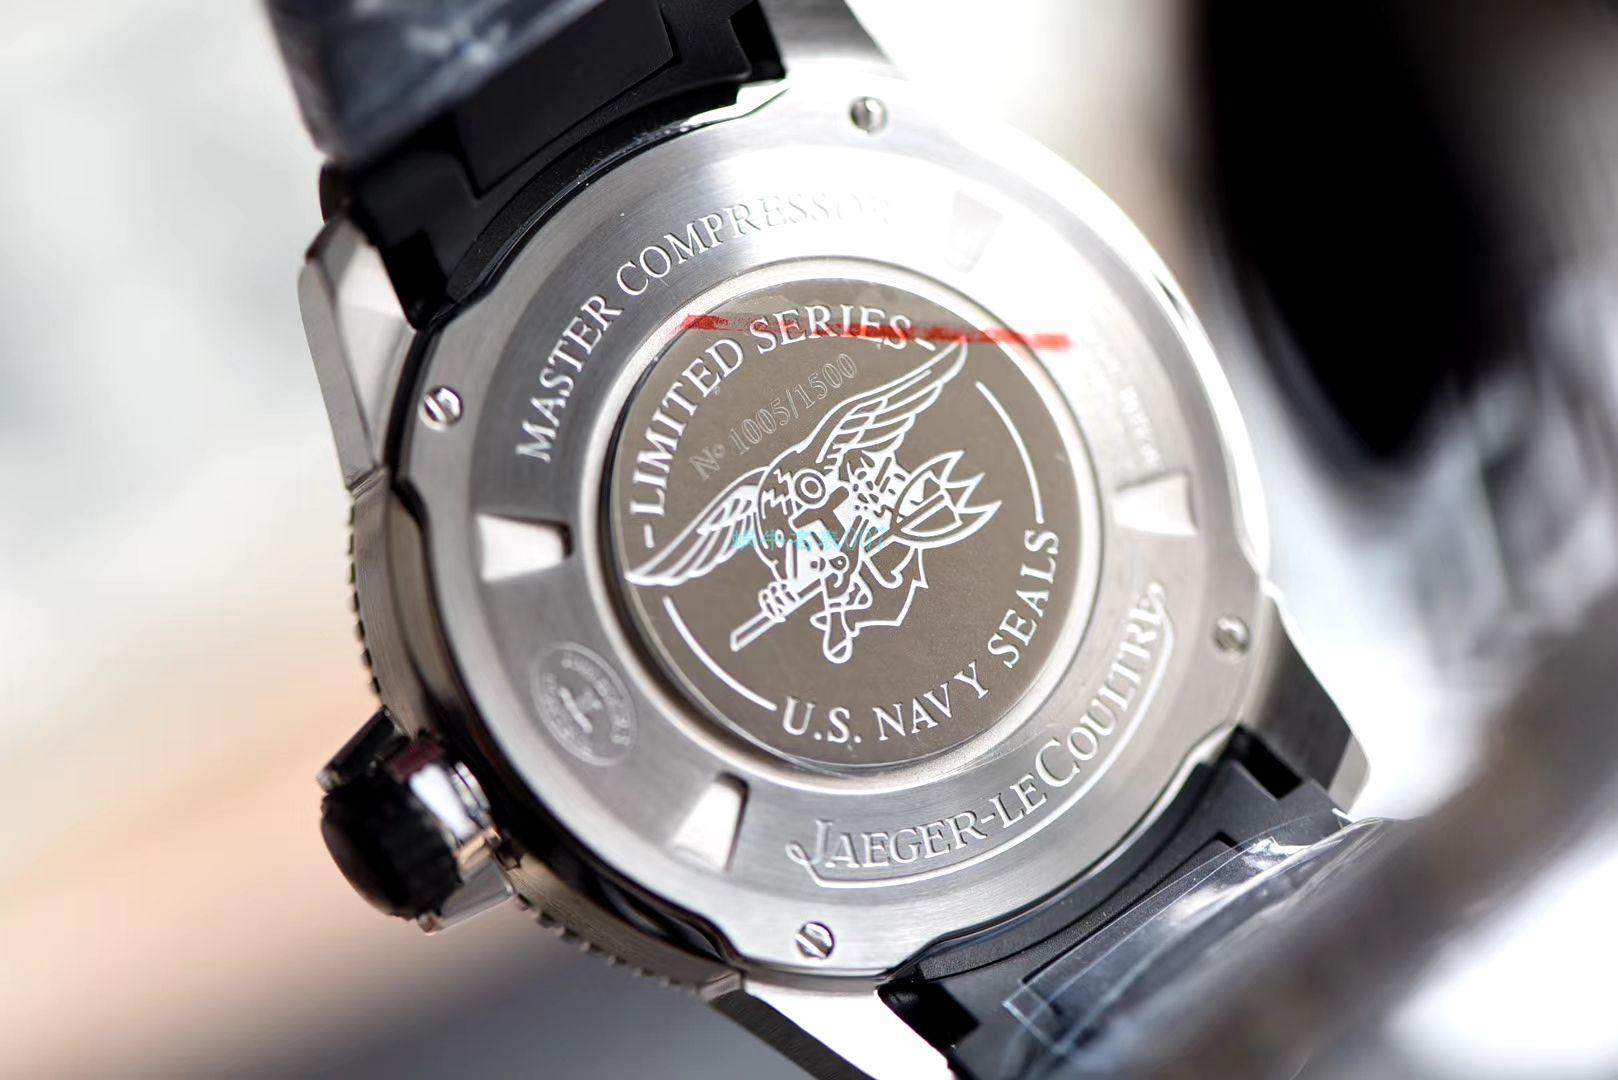 视频评测N厂神器顶级复刻积家极限压缩大师Q2018770腕表 / JJ172